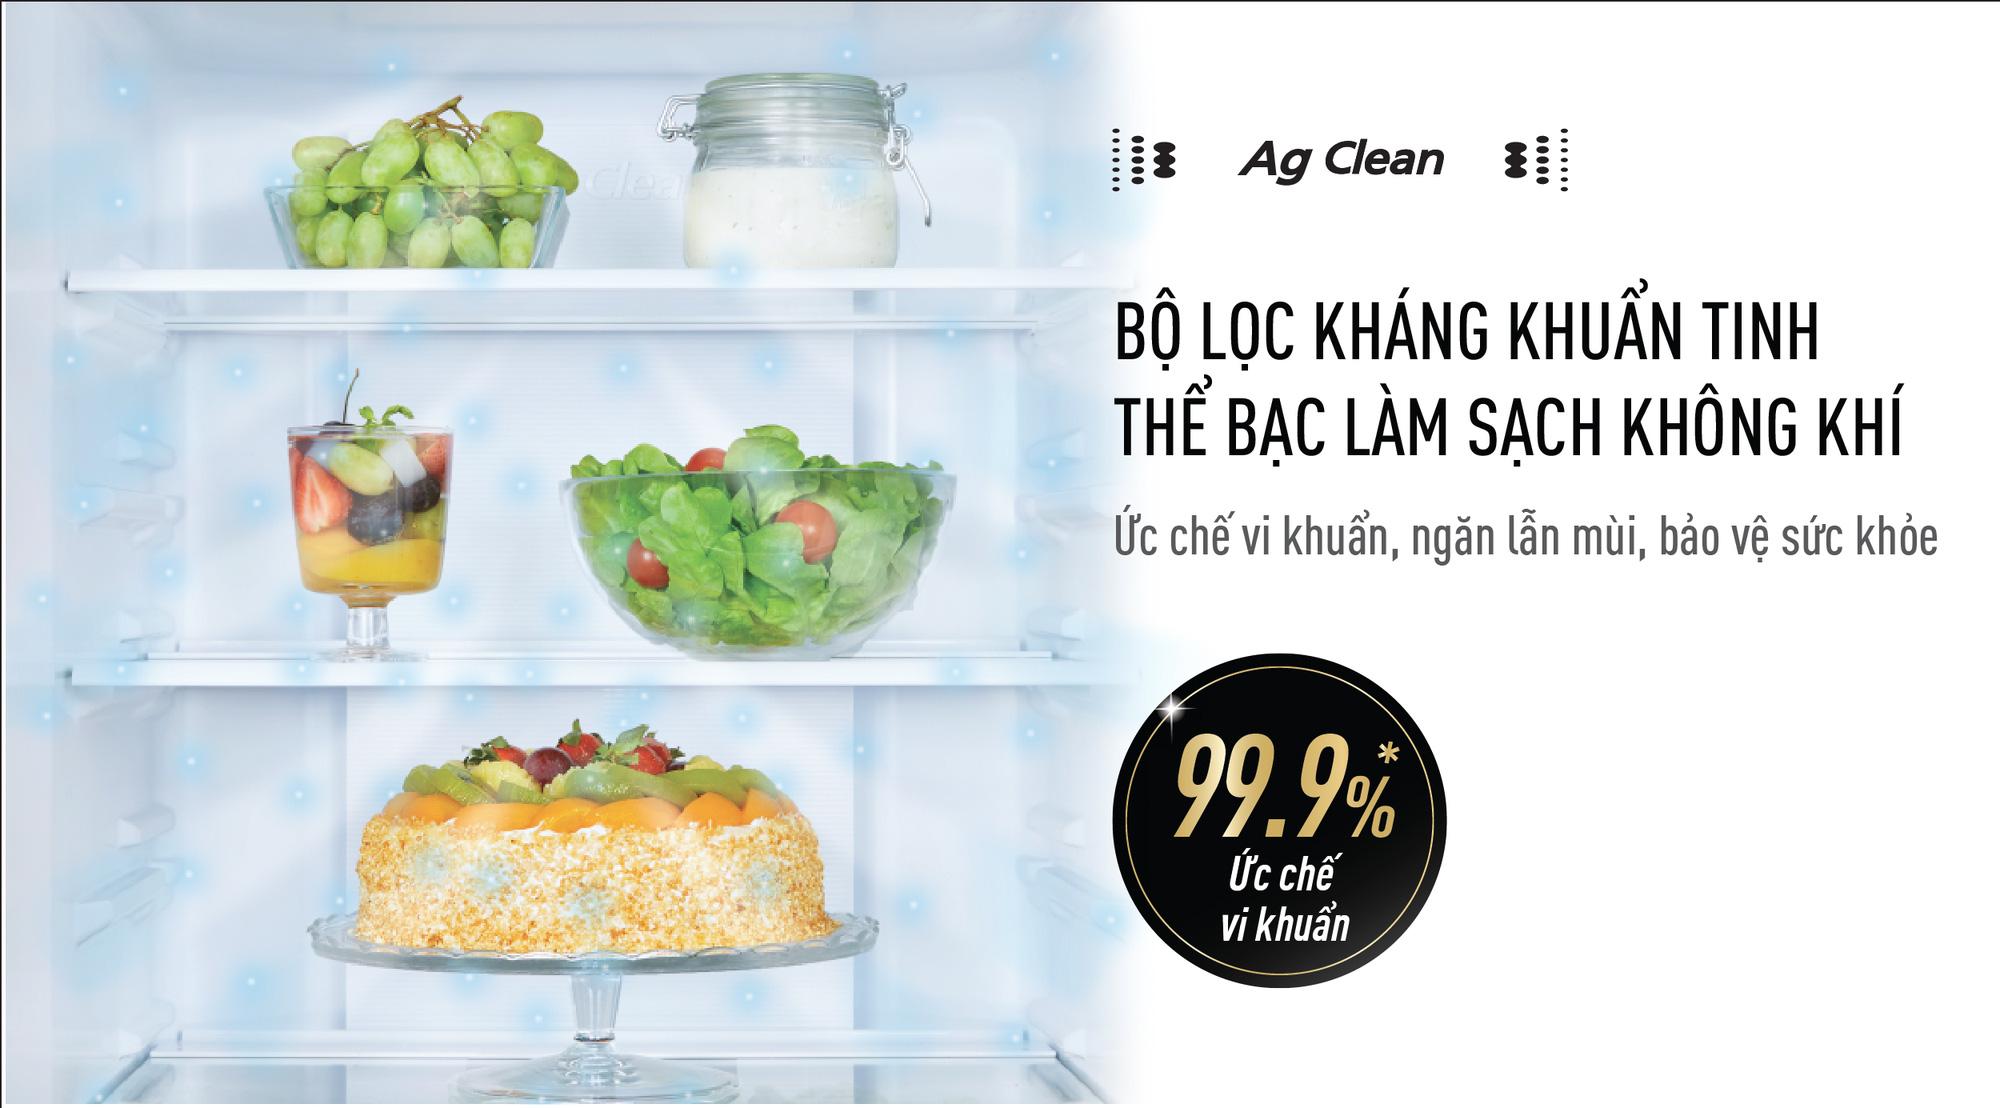 Tủ lạnh kháng khuẩn trong tầm giá: Có nên chọn Panasonic? - Ảnh 1.